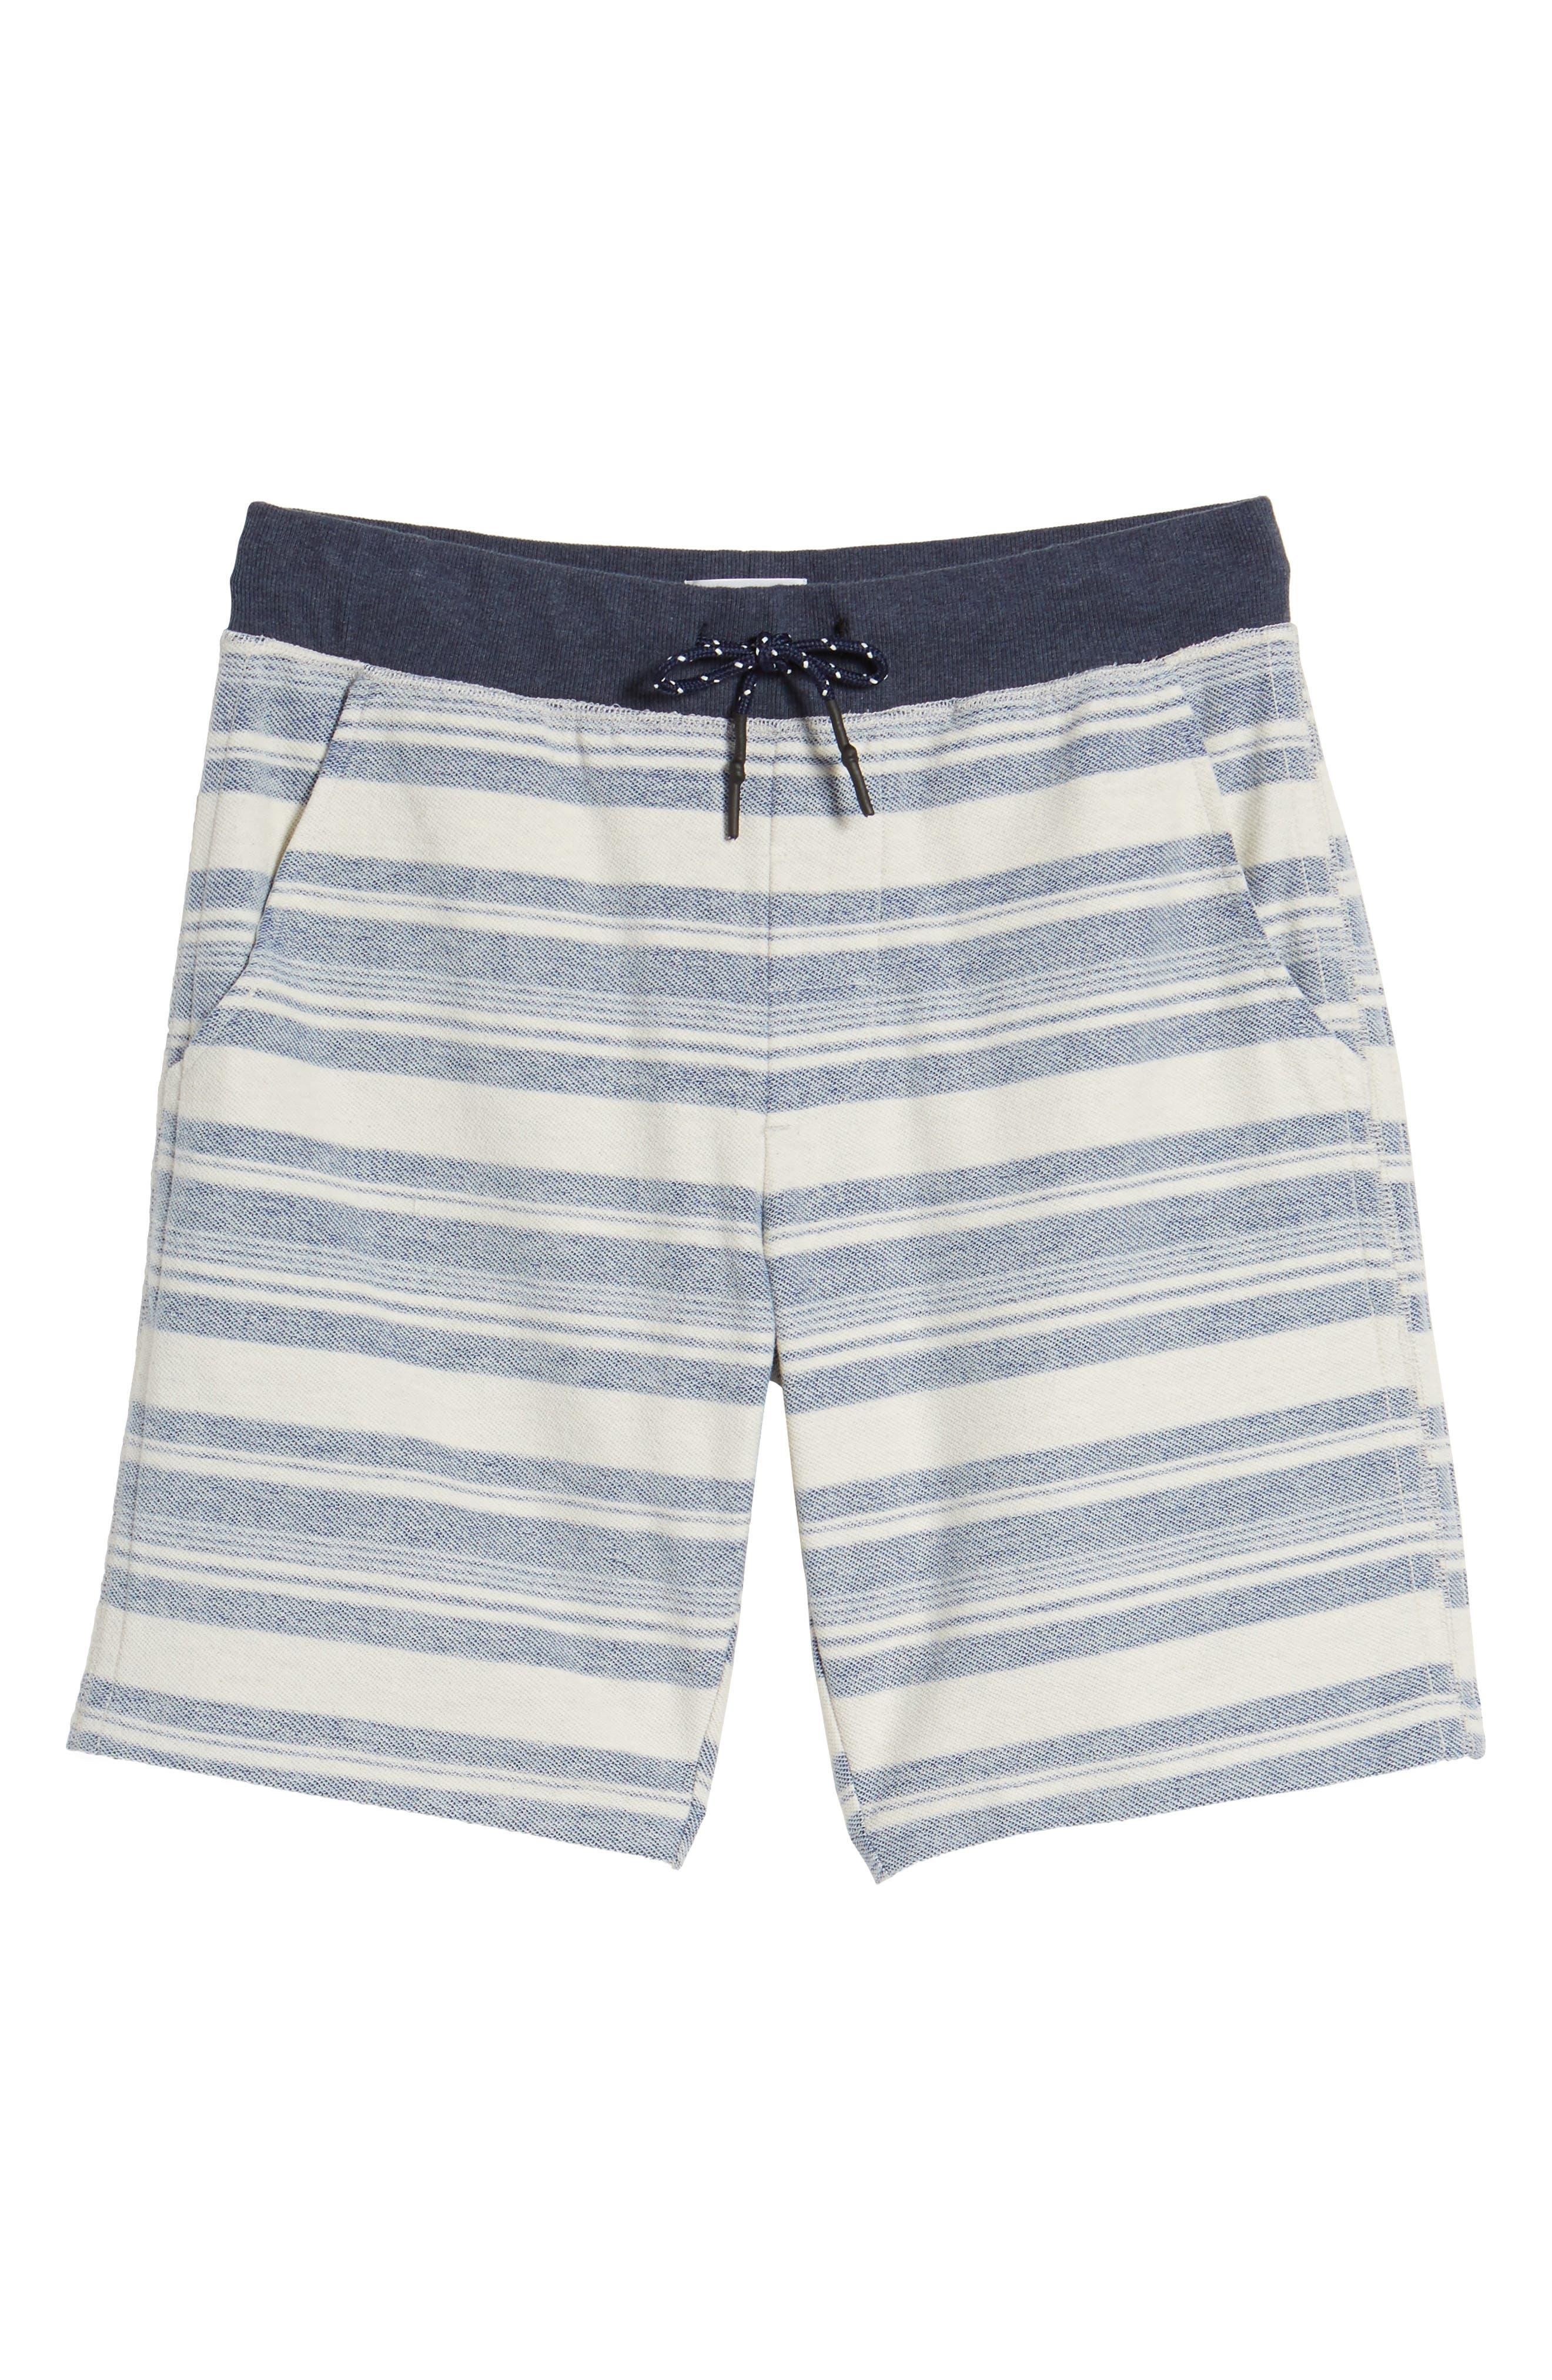 Stripe Reverse Terry Shorts,                             Alternate thumbnail 6, color,                             461